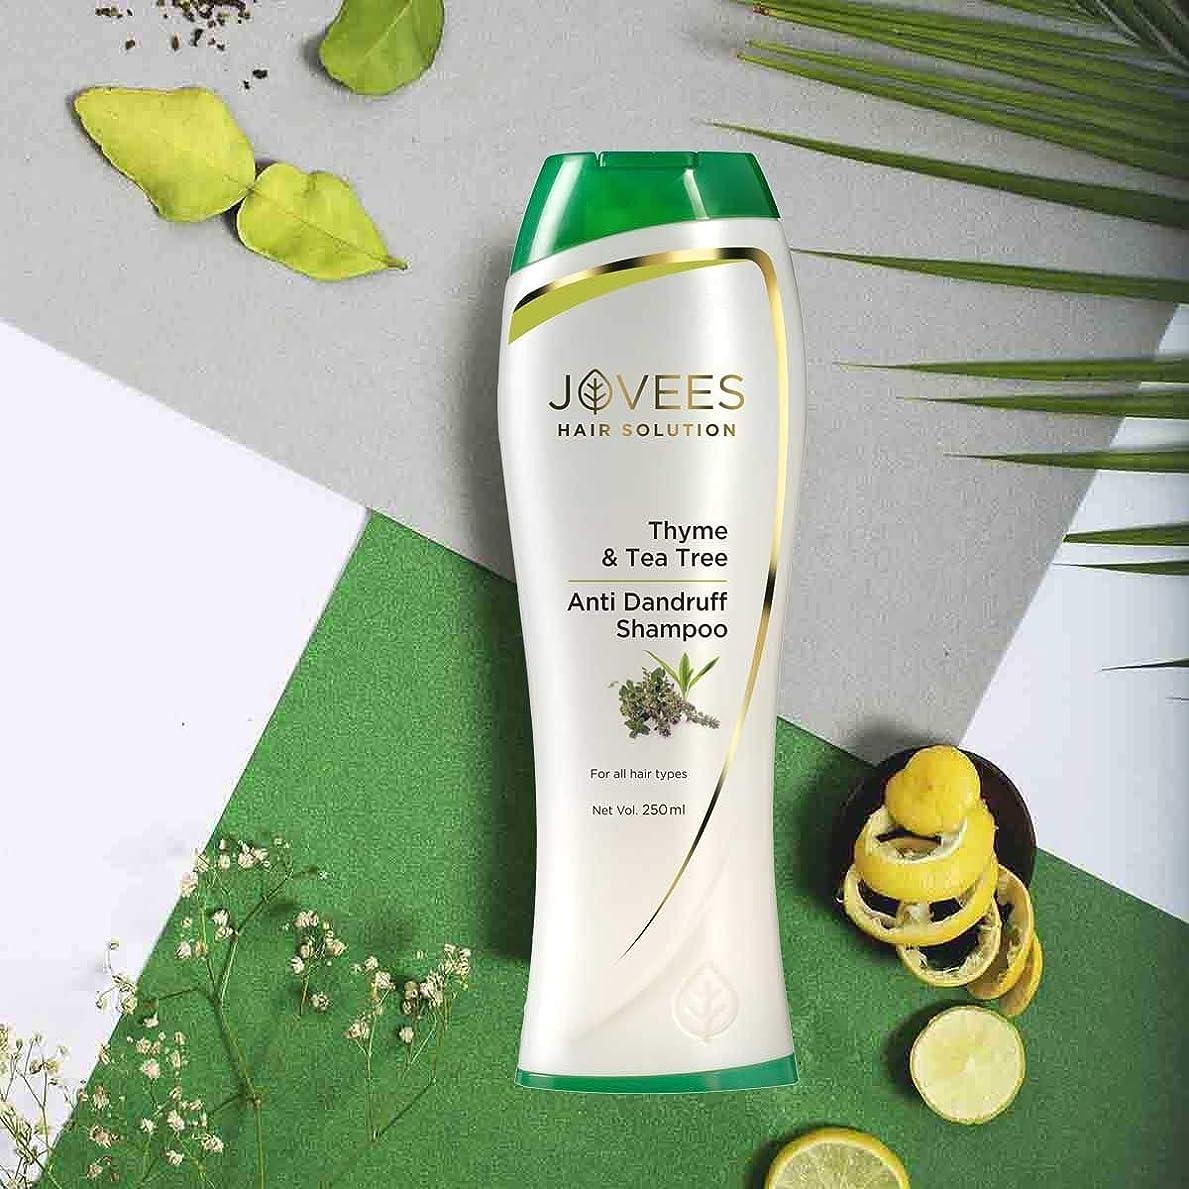 女性火山学者毒性Jovees Thyme & Tea Tree Anti Dandruff Shampoo 250ml bring vitality & strength to Hairs タイム&ティーツリーアンチフケシャンプーが髪に活力と強さをもたらします